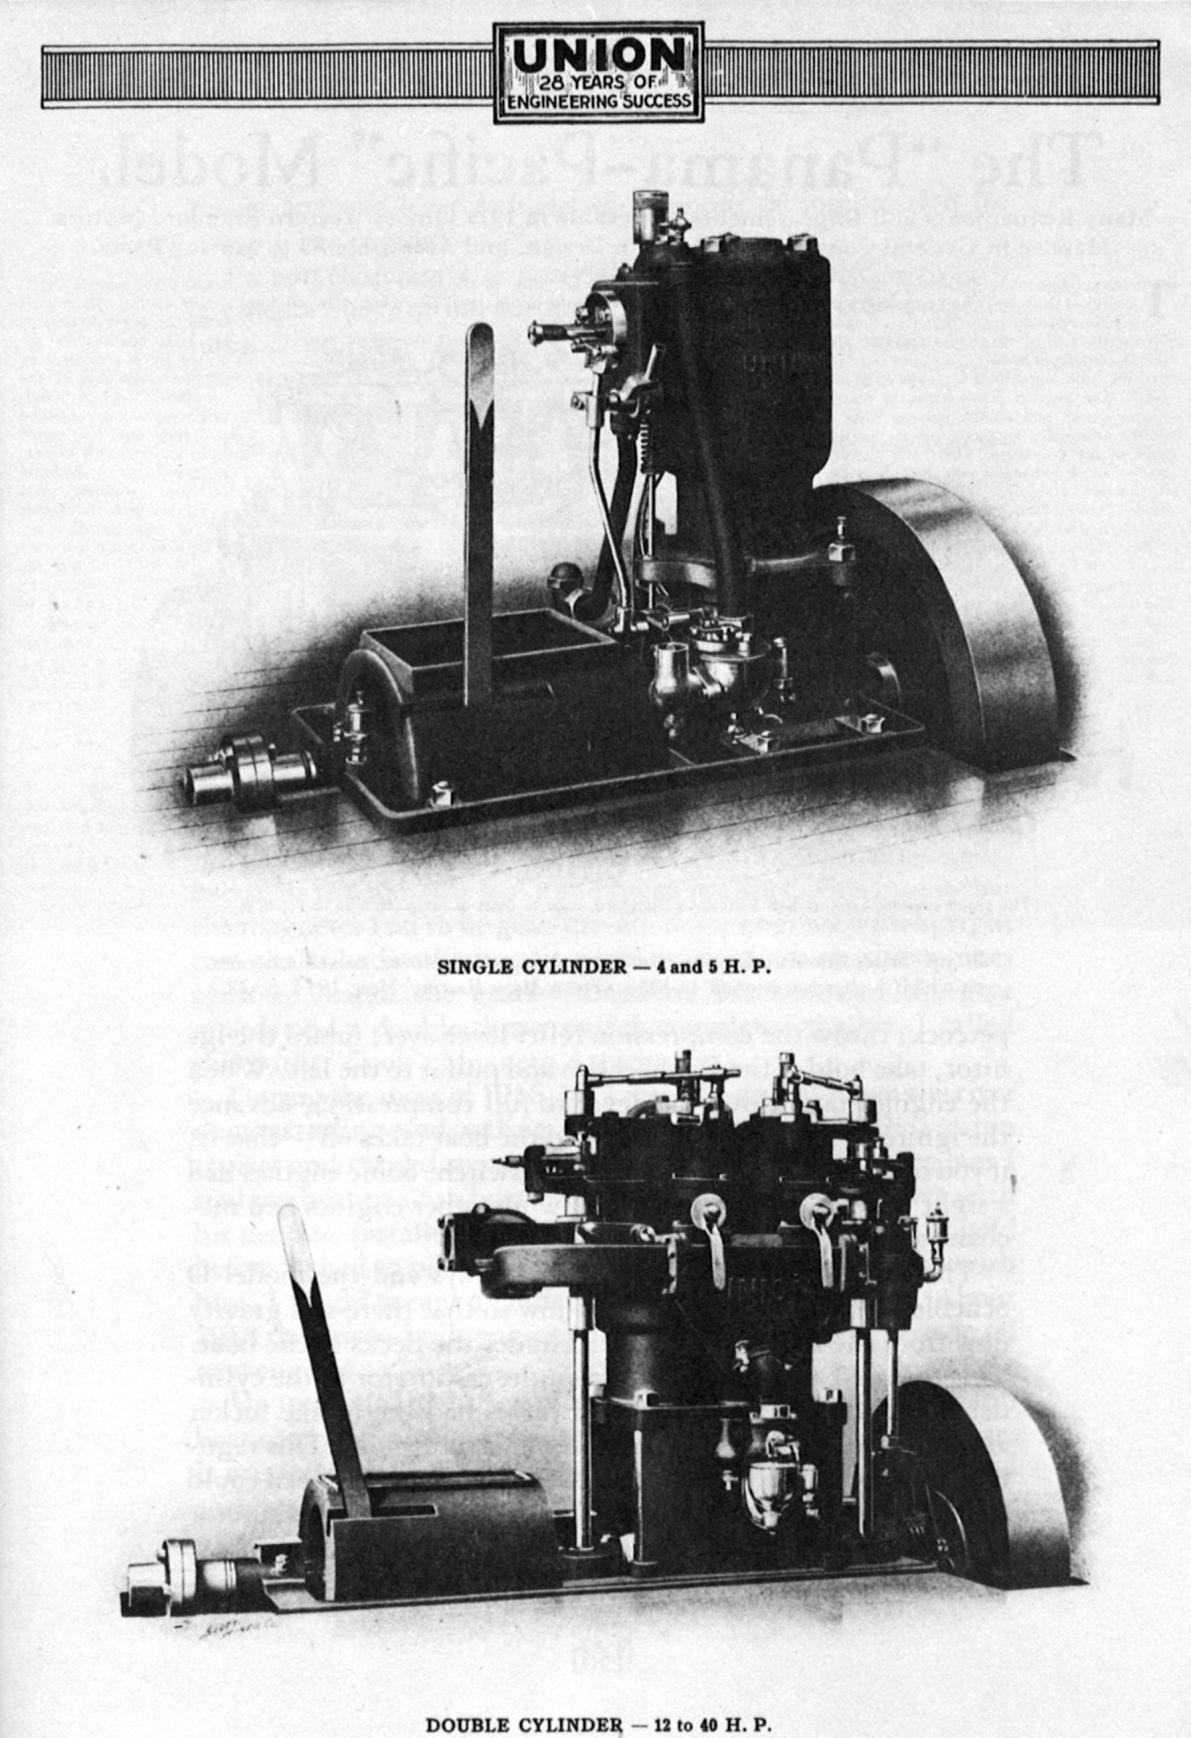 union-marine-engine-ad-1780.jpg